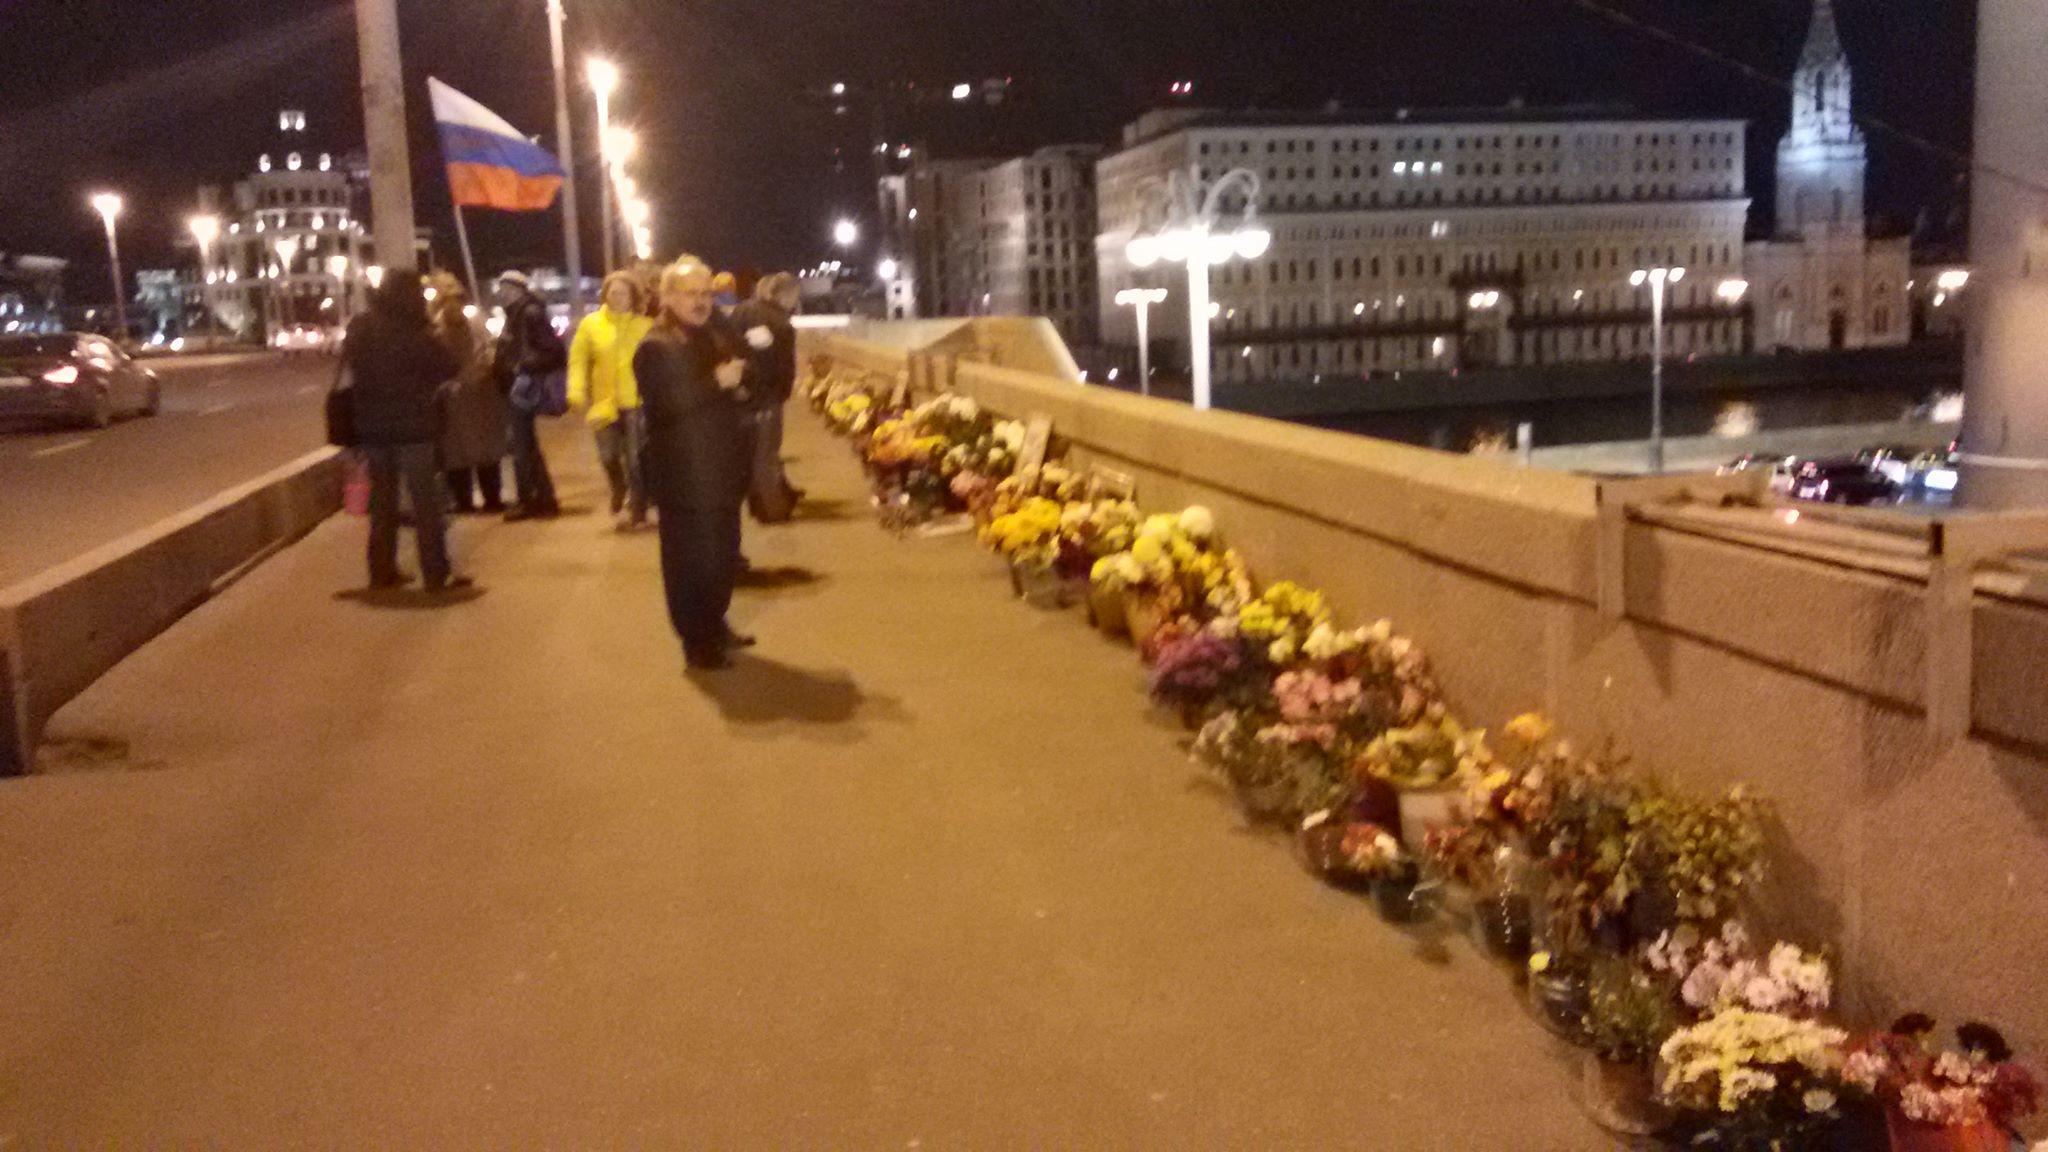 27-09-2016-bridge-evening-7